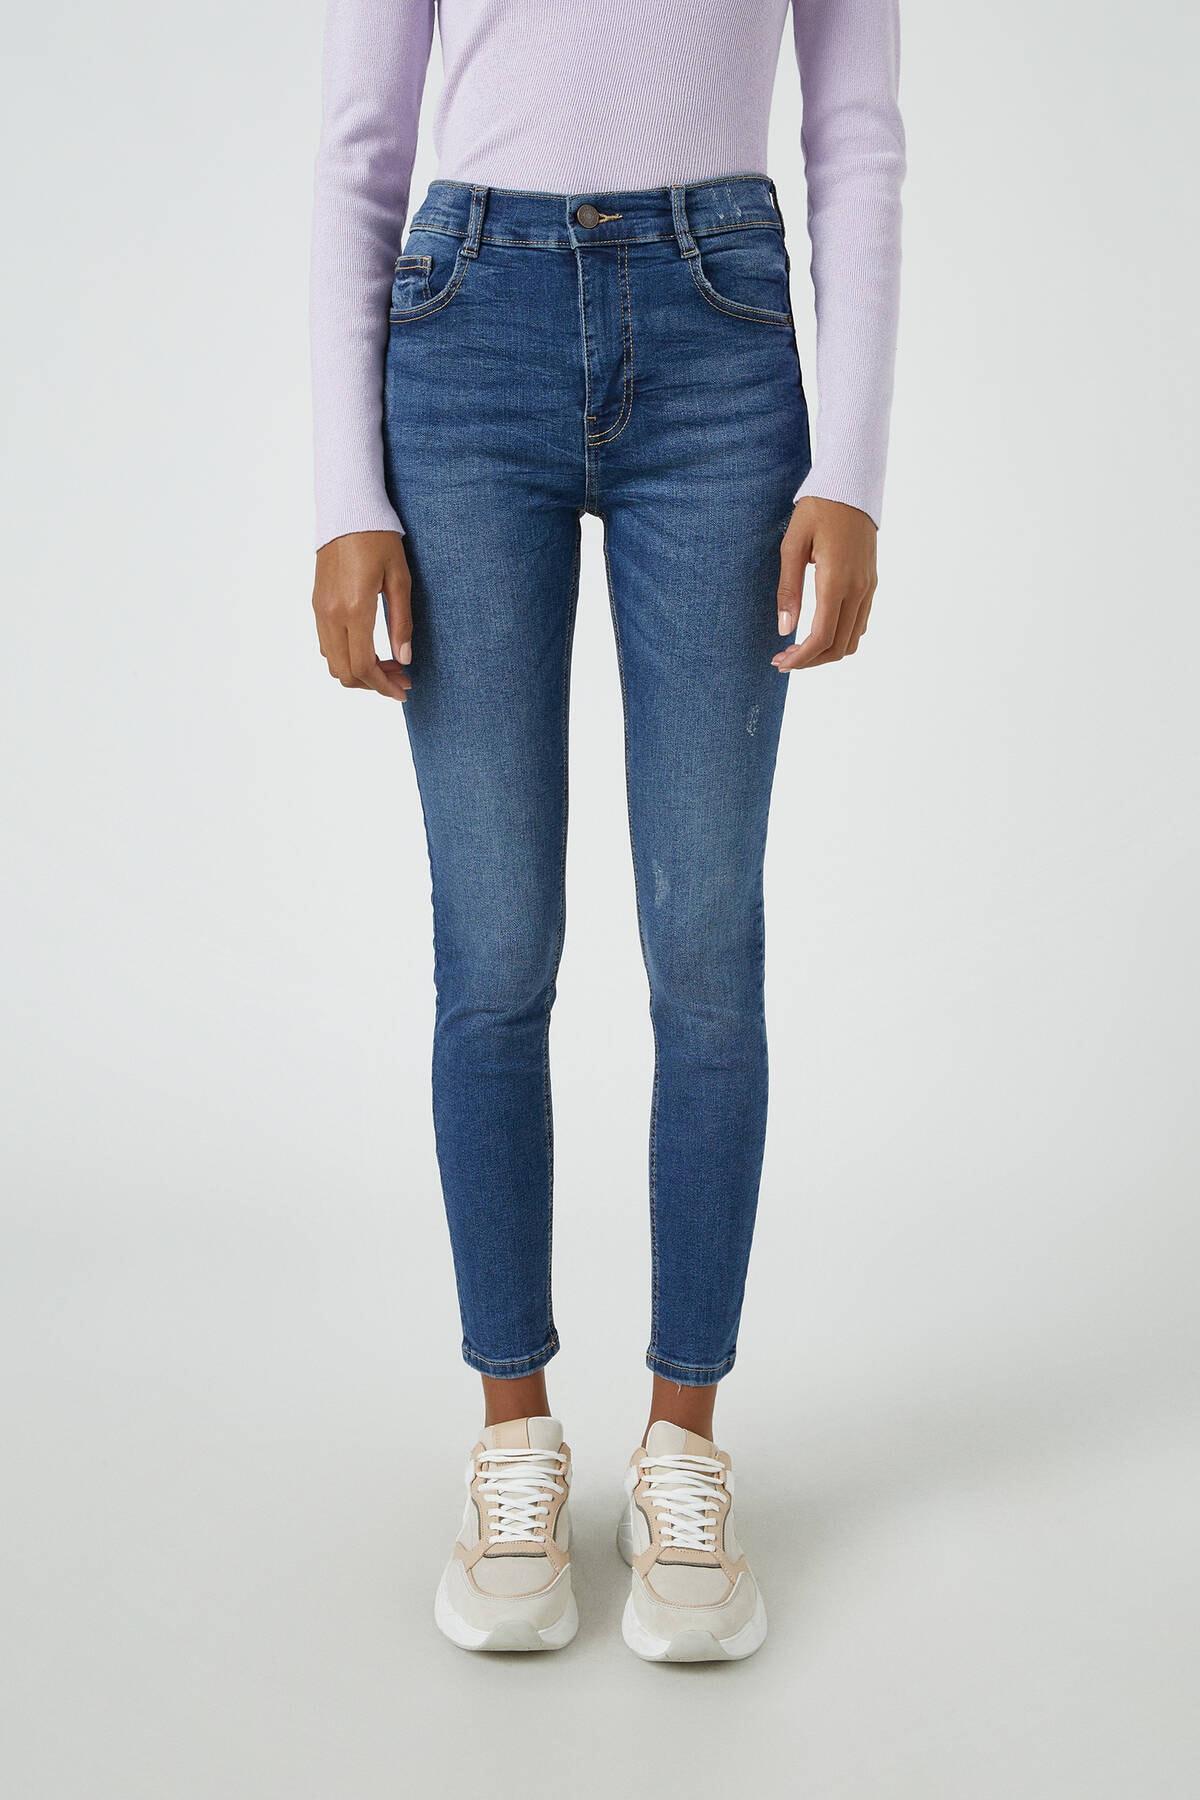 Pull & Bear Kadın Koyu Mavi Orta Bel Skinny Fit Jean 05682320 2